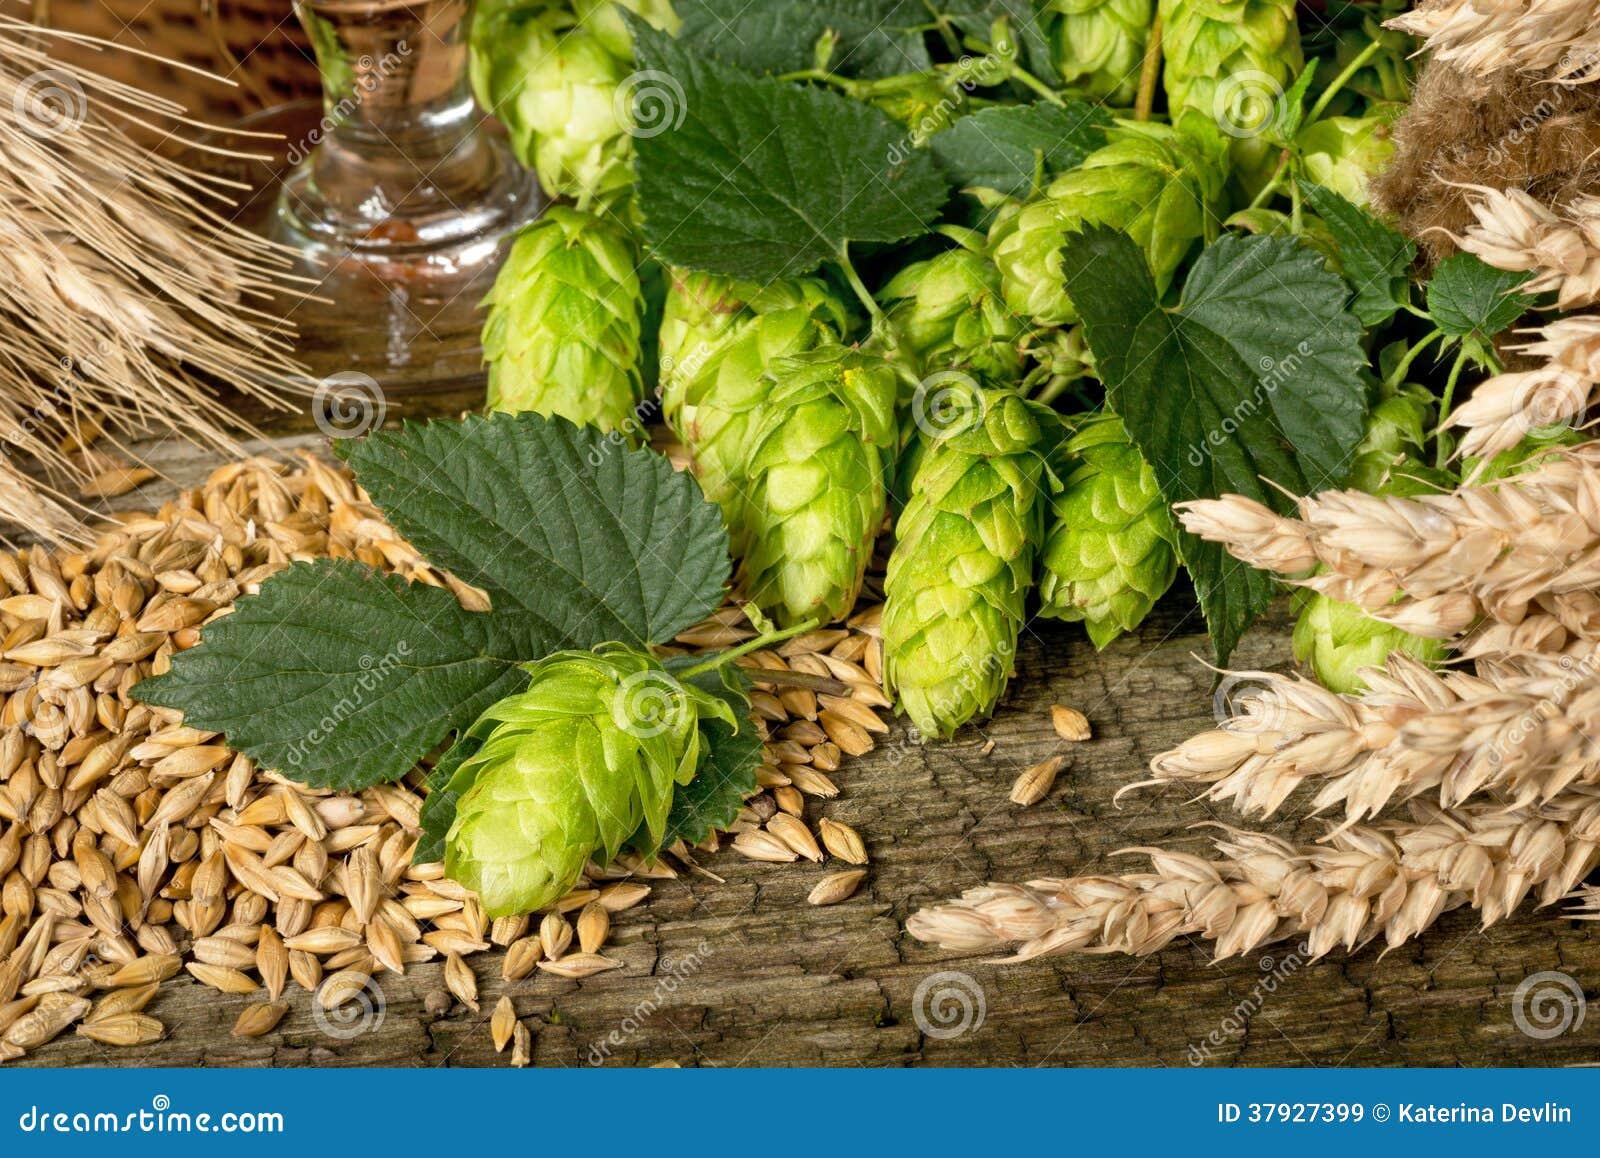 Сырье для продукции пива